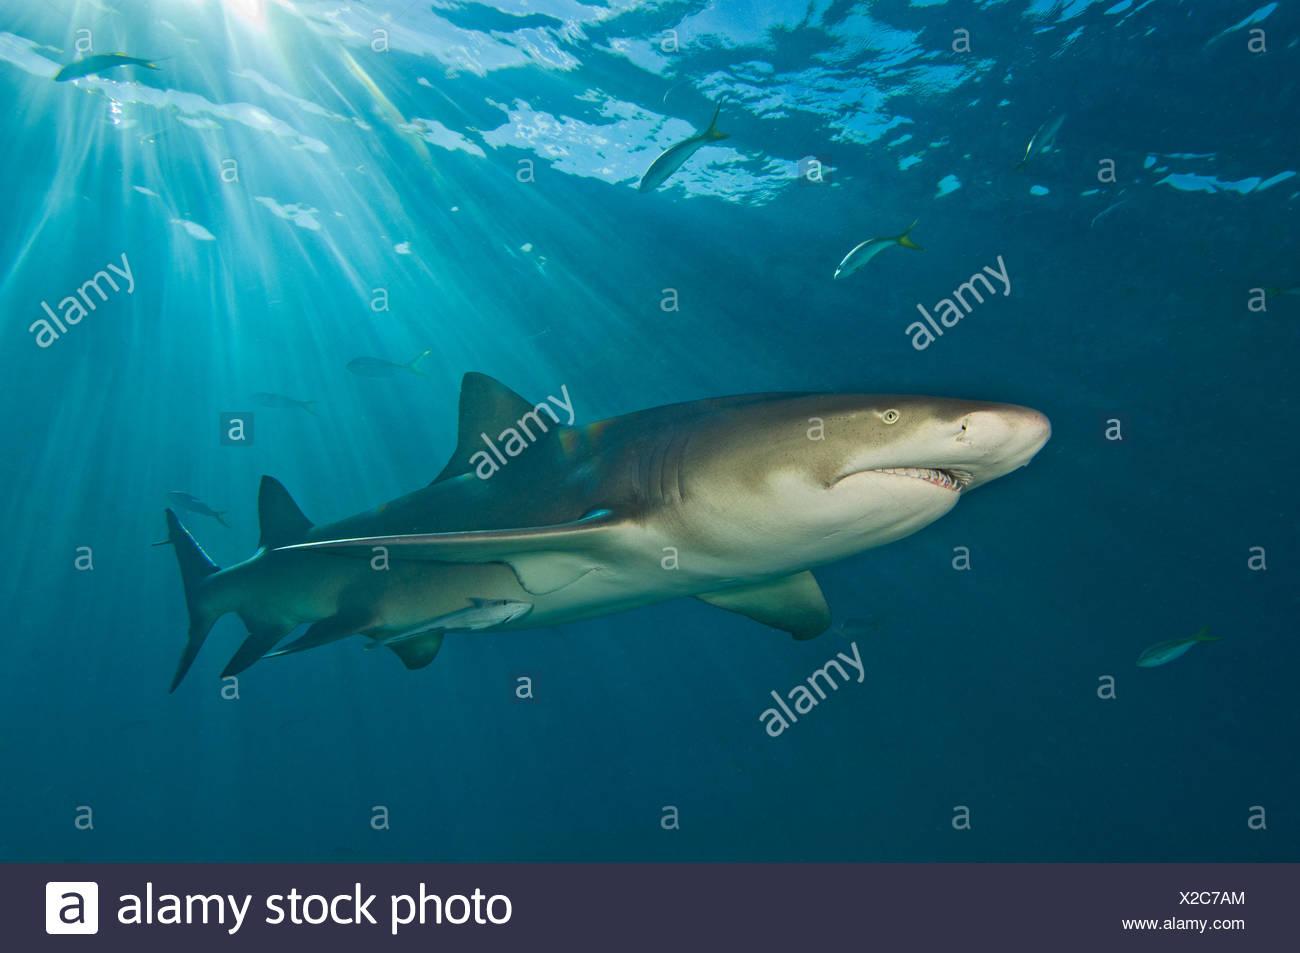 Le requin citron (Negaprion brevirostris) sous les rayons du soleil. Petit banc des Bahamas, Bahamas. Ouest de l'océan Atlantique. Photo Stock